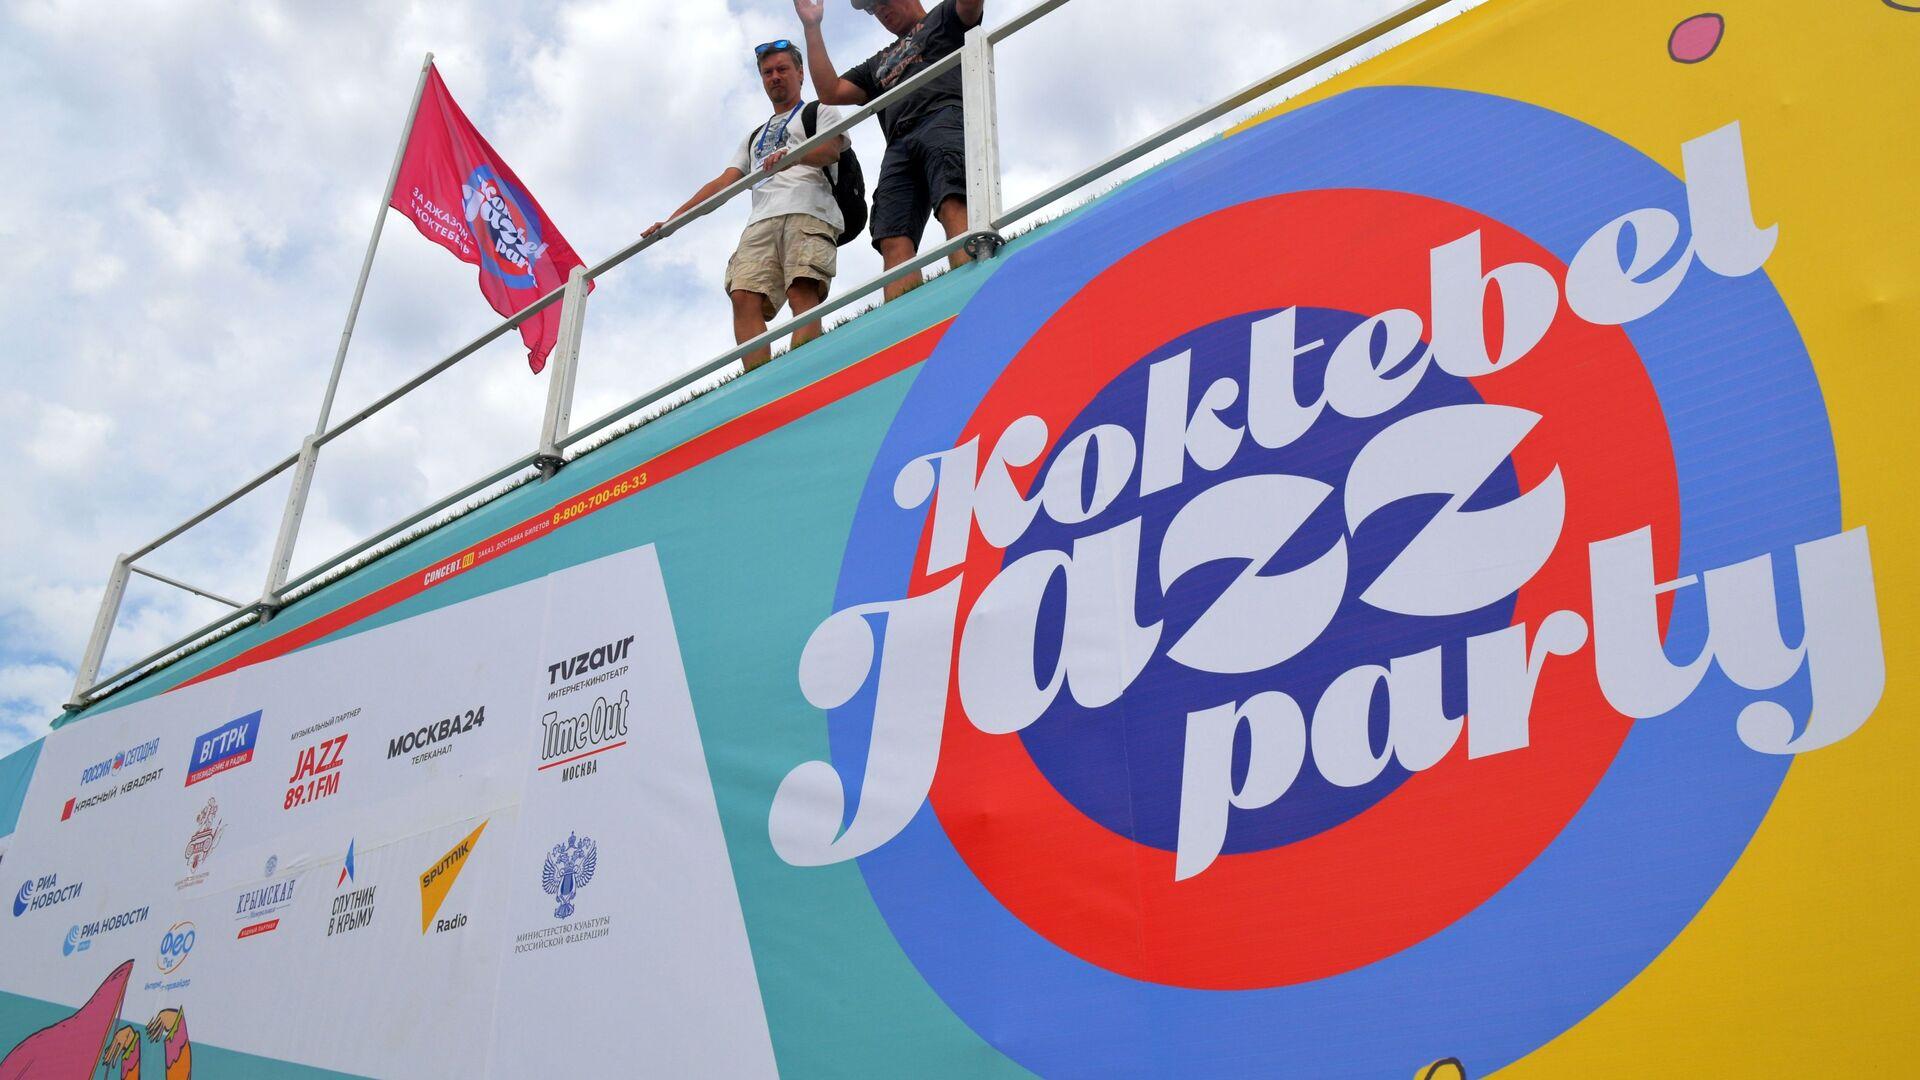 Подготовка к открытию фестиваля Koktebel Jazz Party - РИА Новости, 1920, 22.06.2021